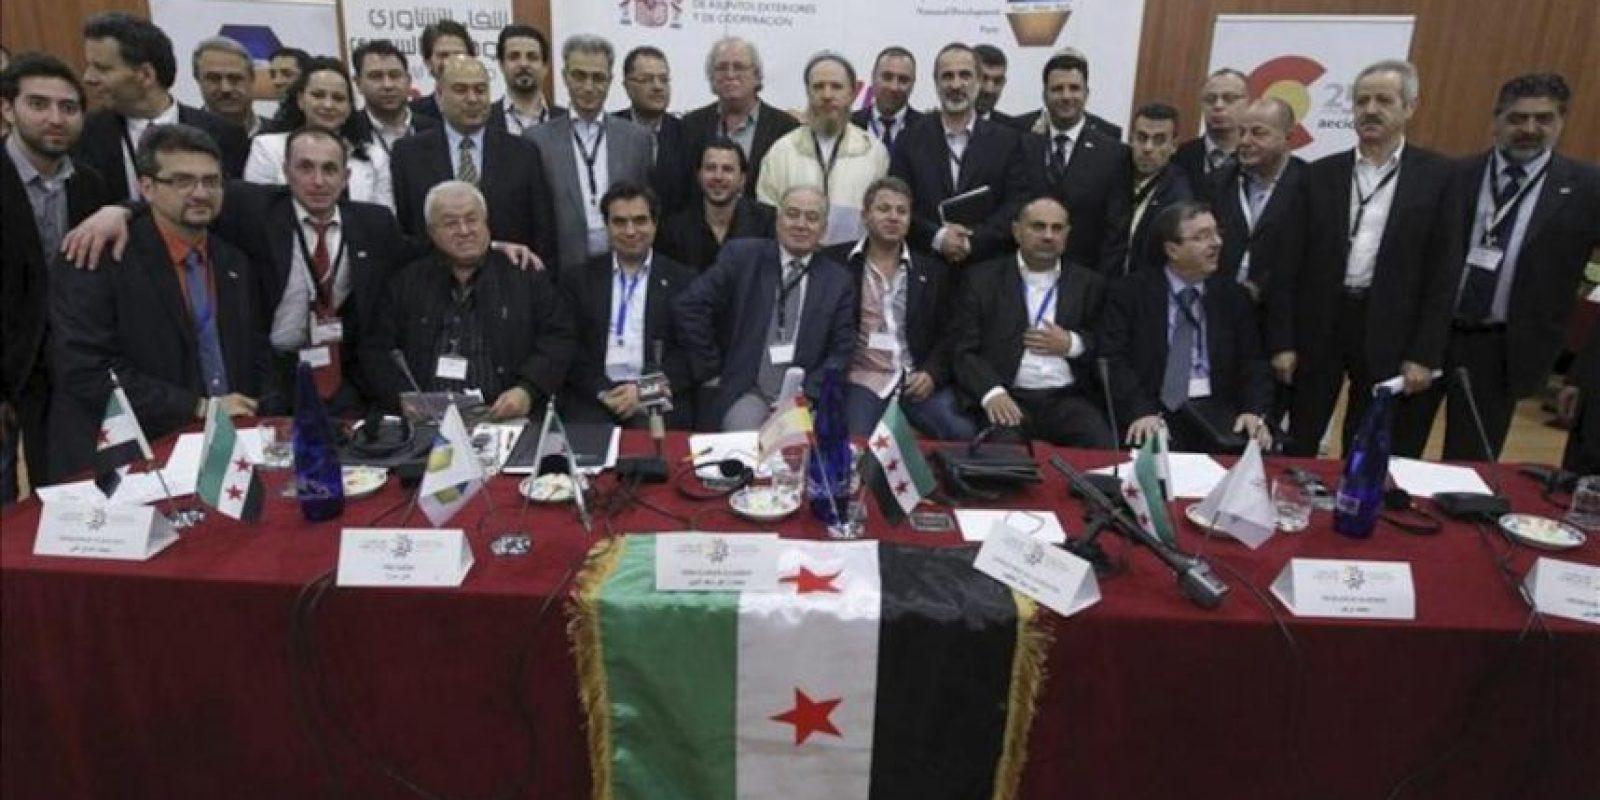 Representantes de movimientos de la oposición al régimen sirio de Bachar al Asad, durante una reunión en Madrid la semana pasada. EFE/Archivo